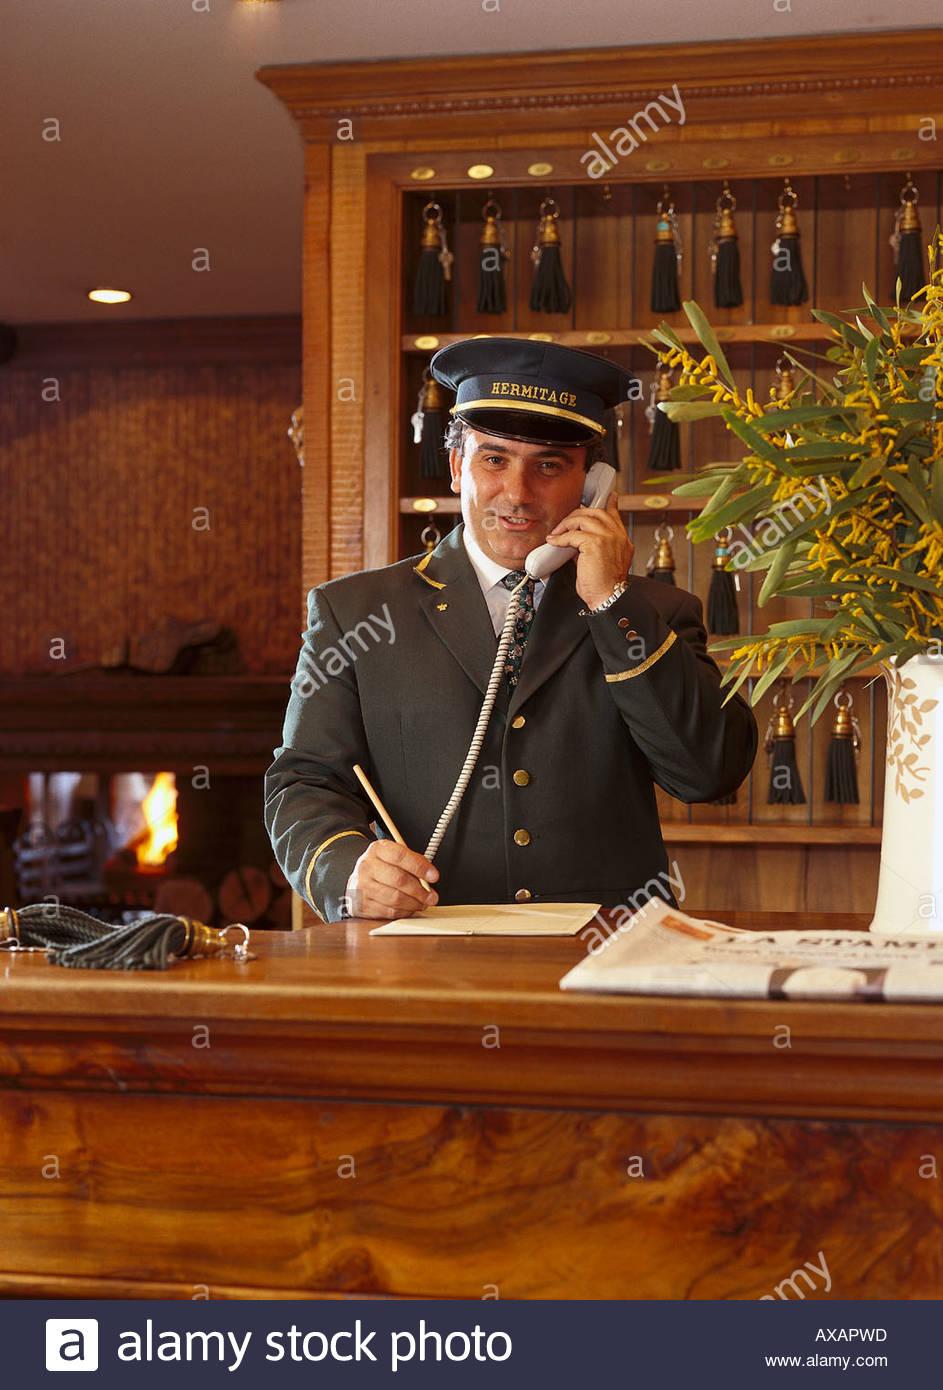 Darsteller Grand Hotel